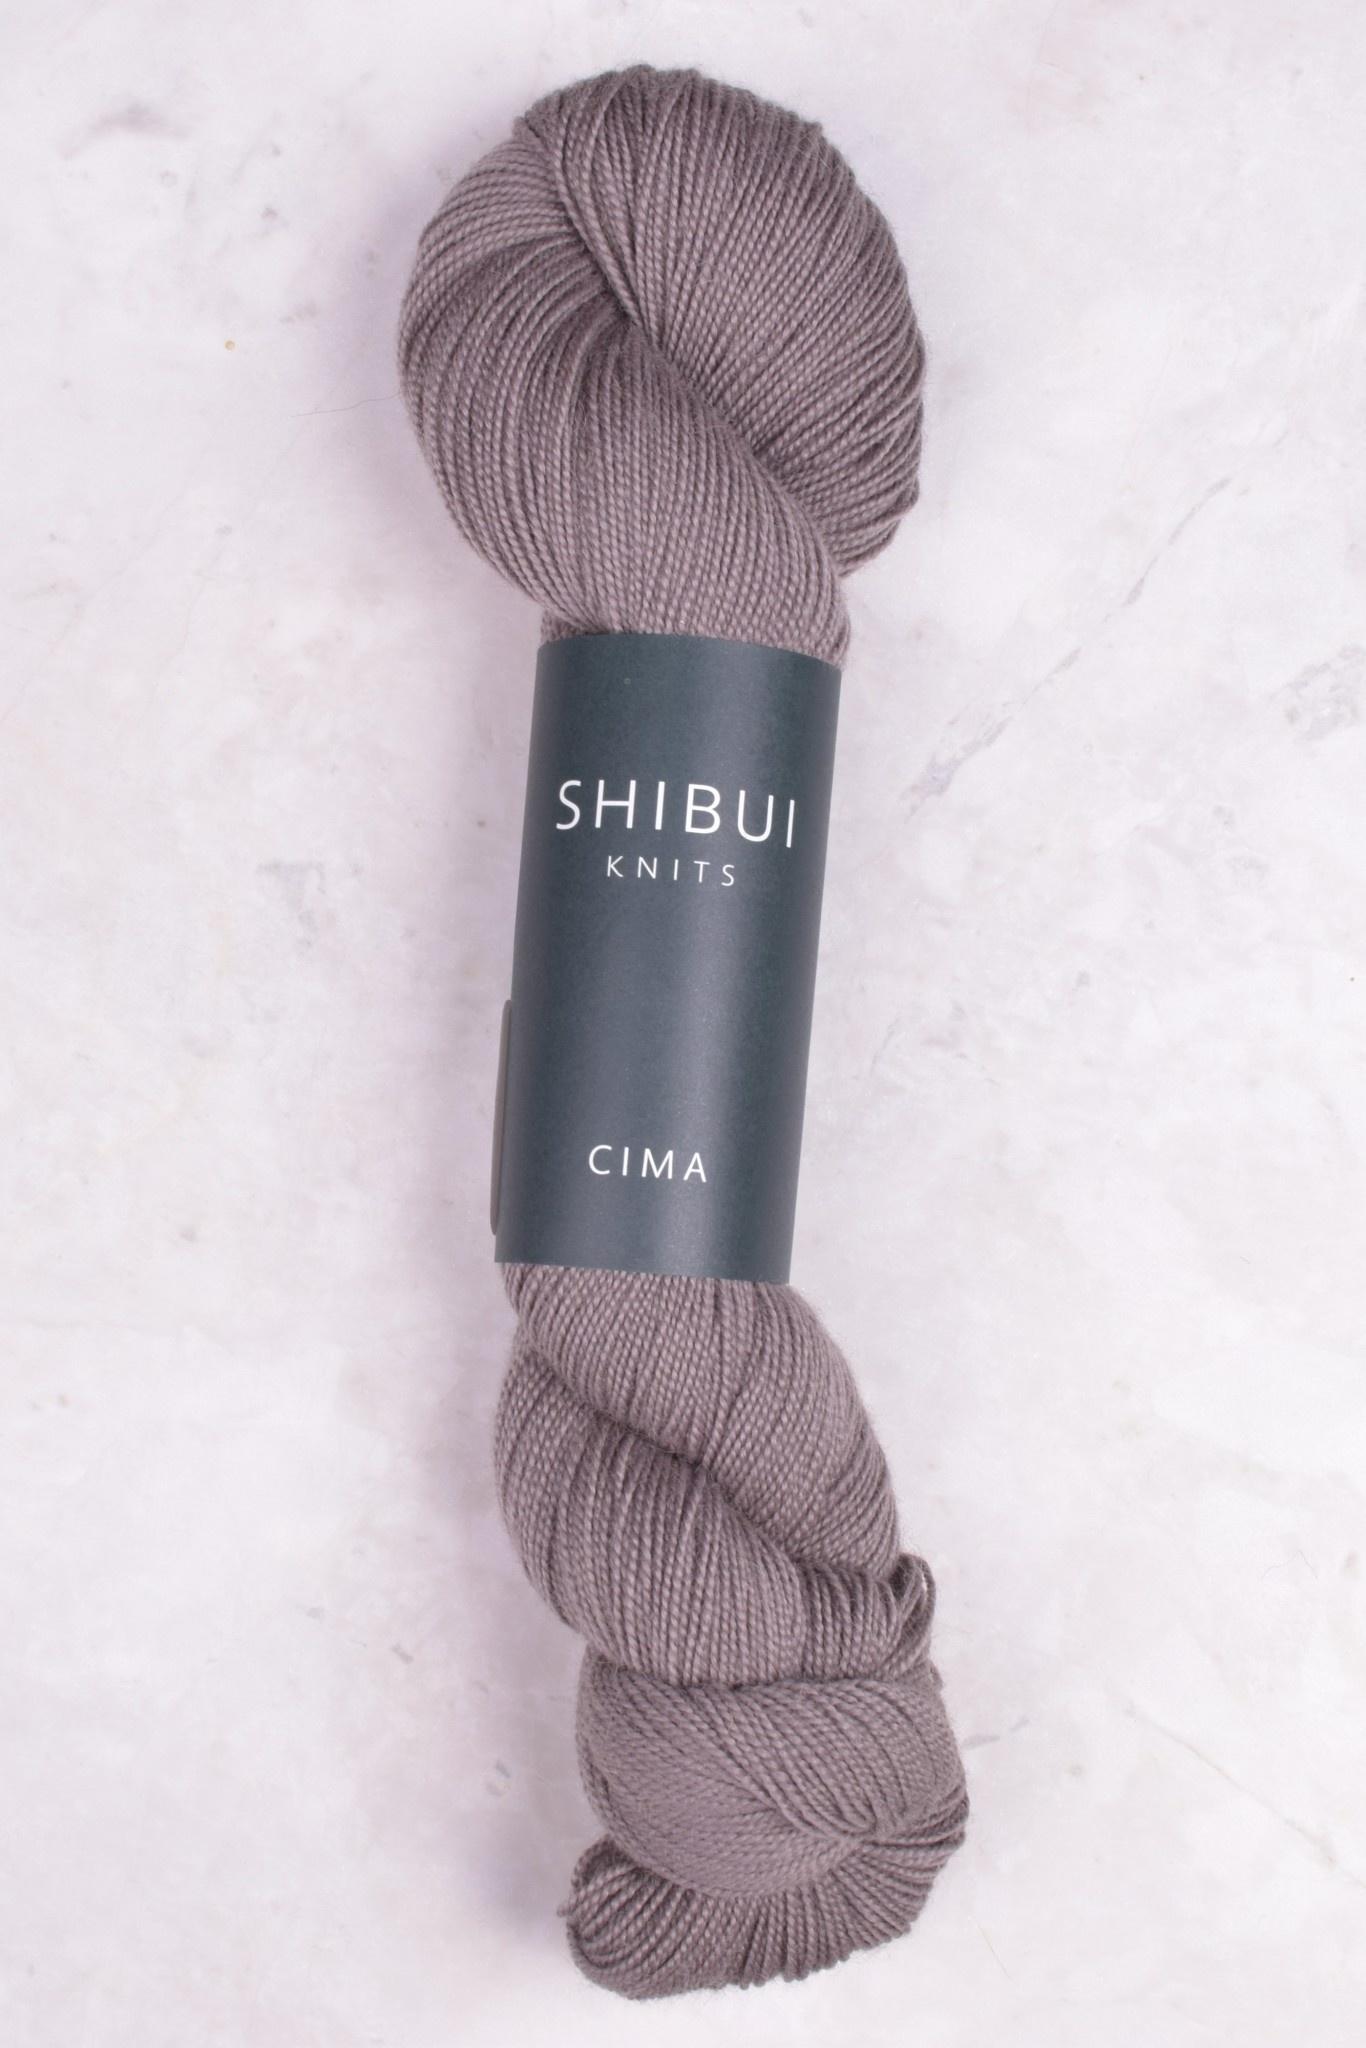 Image of Shibui Cima 2022 Mineral (Discontinued)